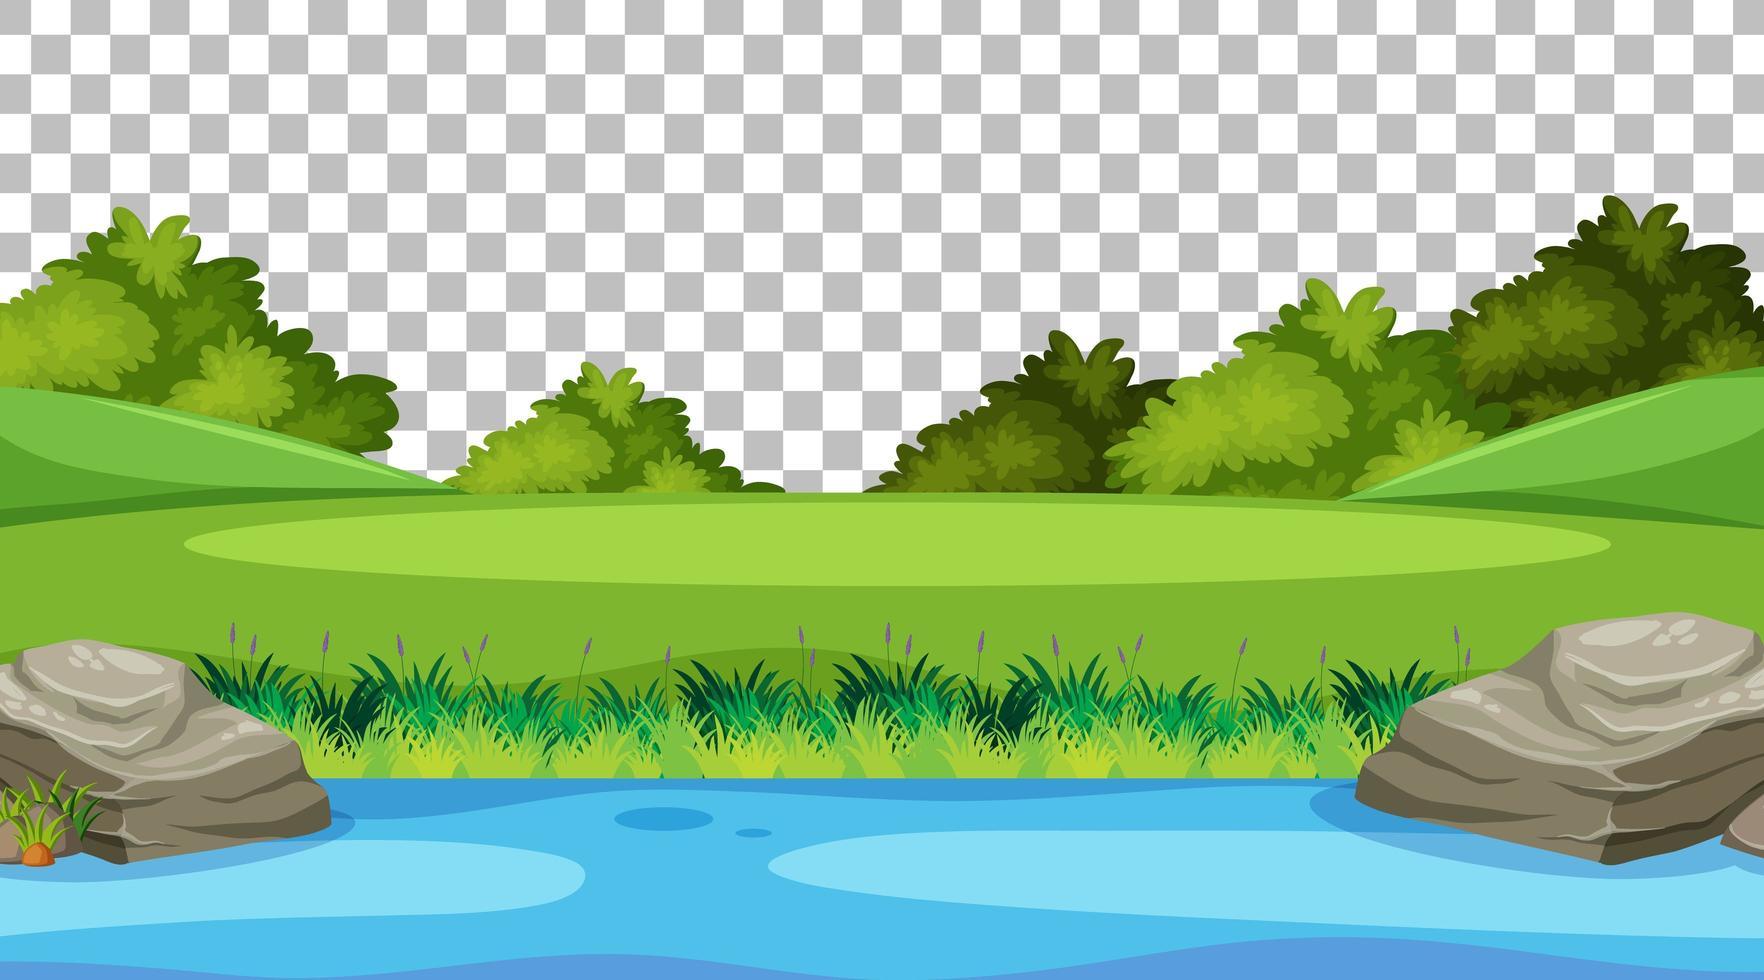 lege natuurparkscène met rivierlandschap op transparante achtergrond vector